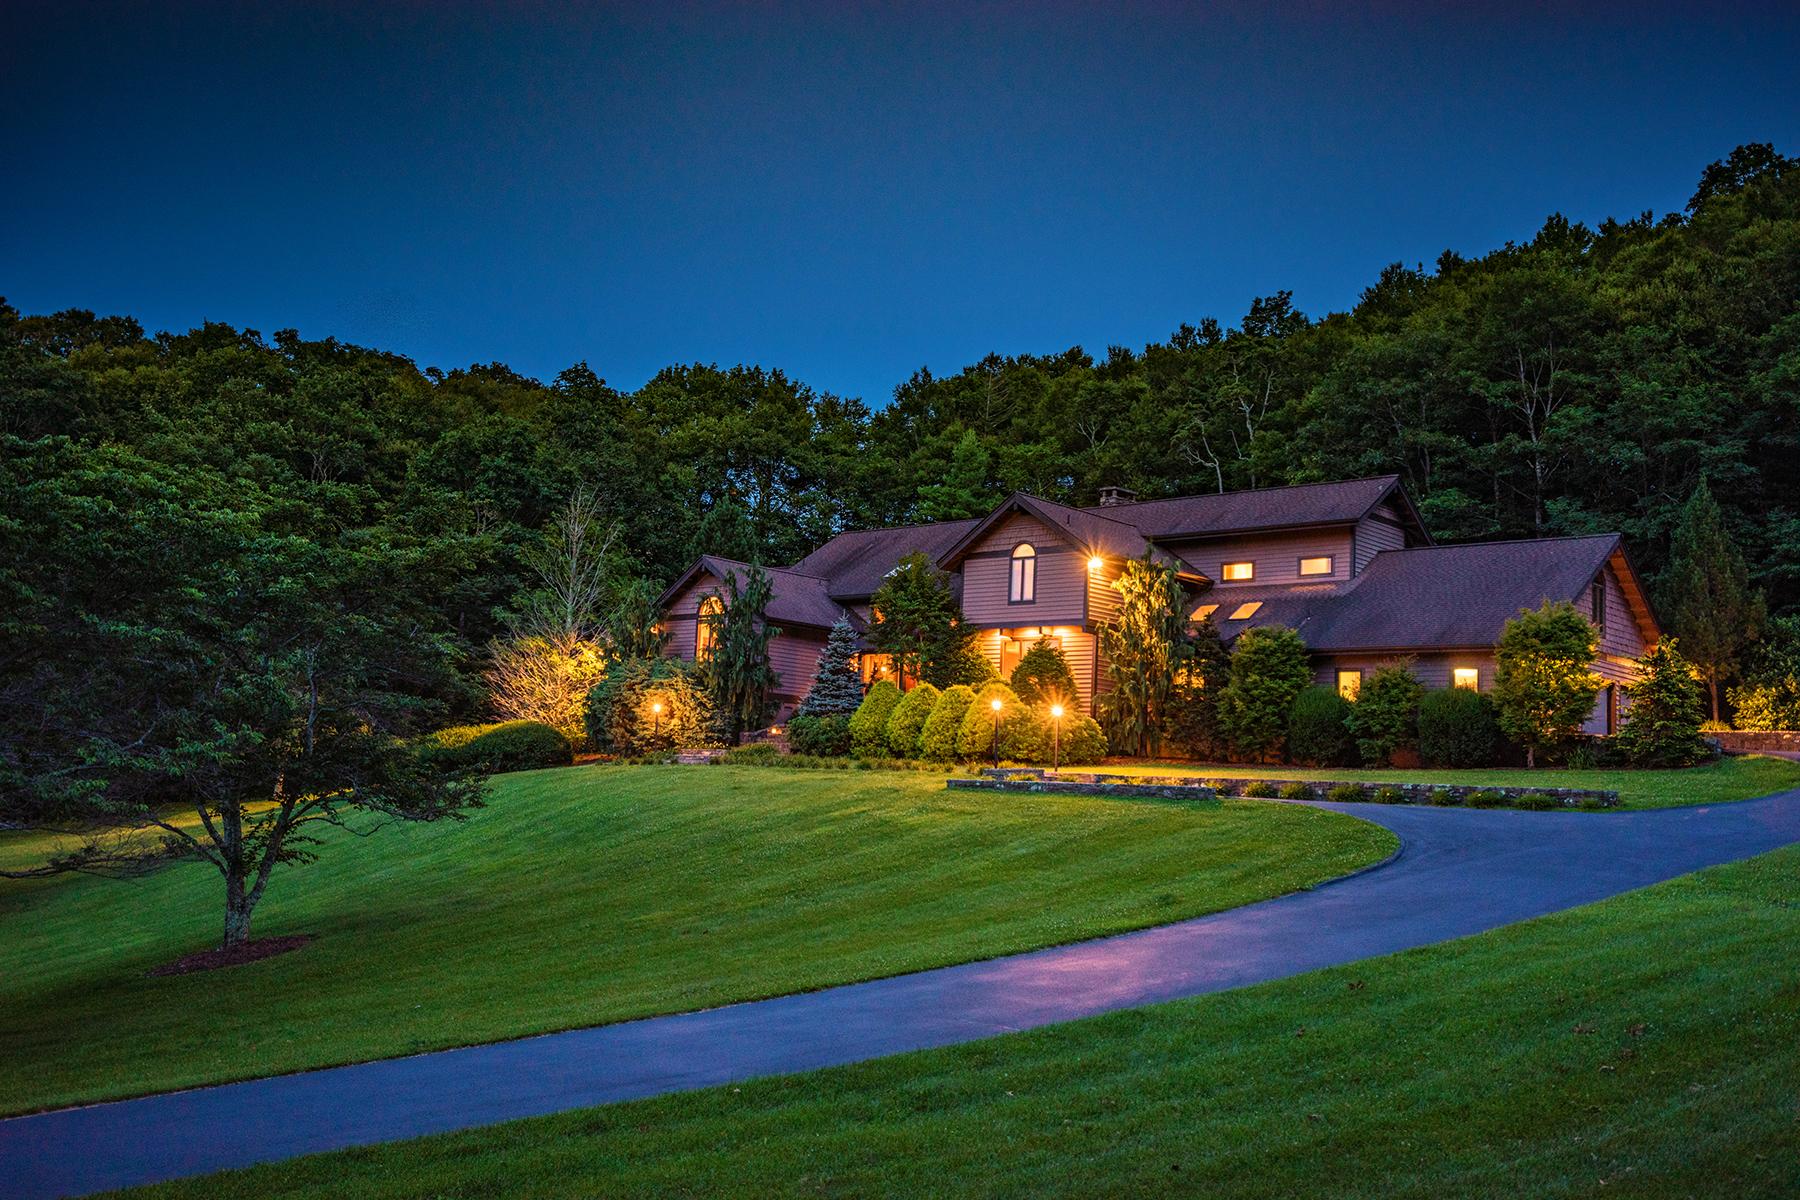 Casa Unifamiliar por un Venta en BLOWING ROCK - LAUREL CHASE 251 Laurel Chase Blowing Rock, Carolina Del Norte, 28605 Estados Unidos